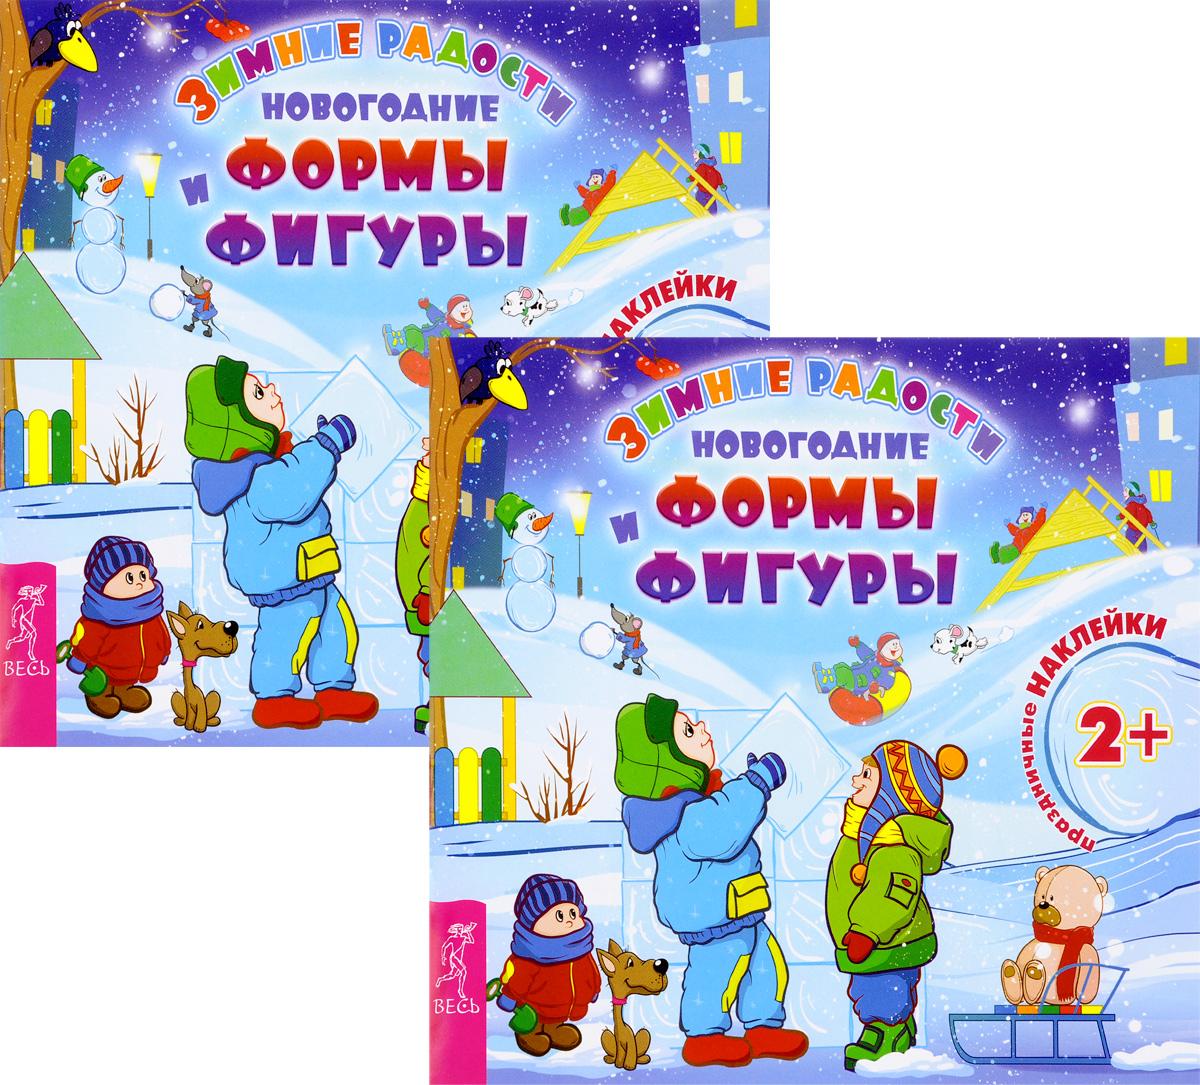 Новогодние формы и фигуры (комплект из 2 книг + наклейки) питер комплект из 2 книг новогодние елочки новогодние композиции